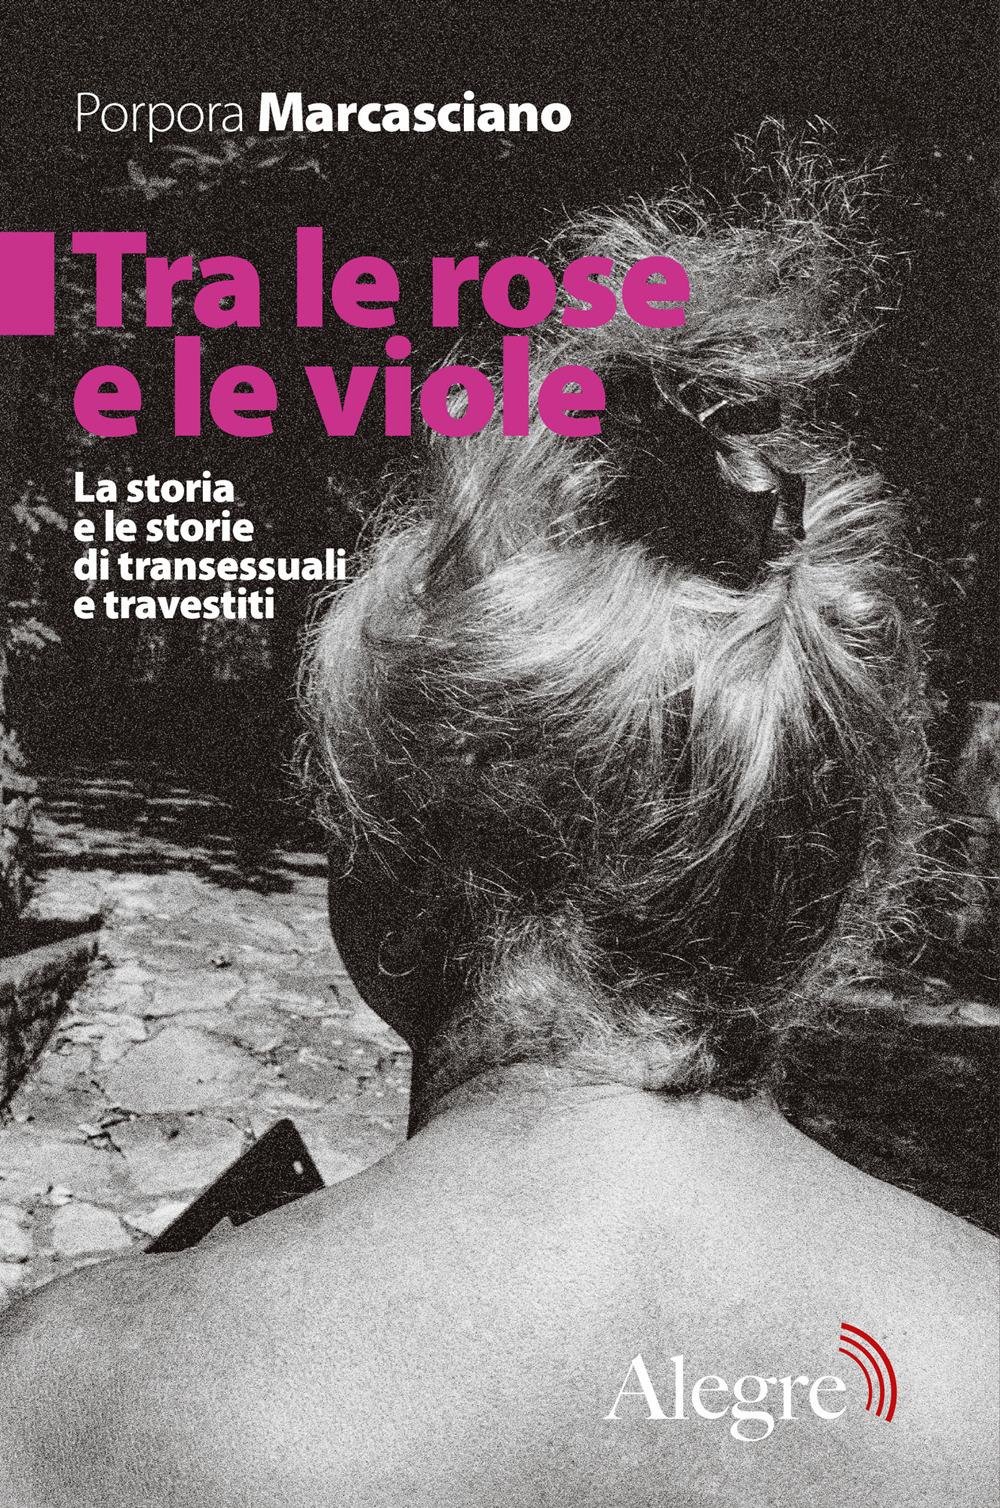 Tra le rose e le viole. La storia e le storie di transessuali e travestiti